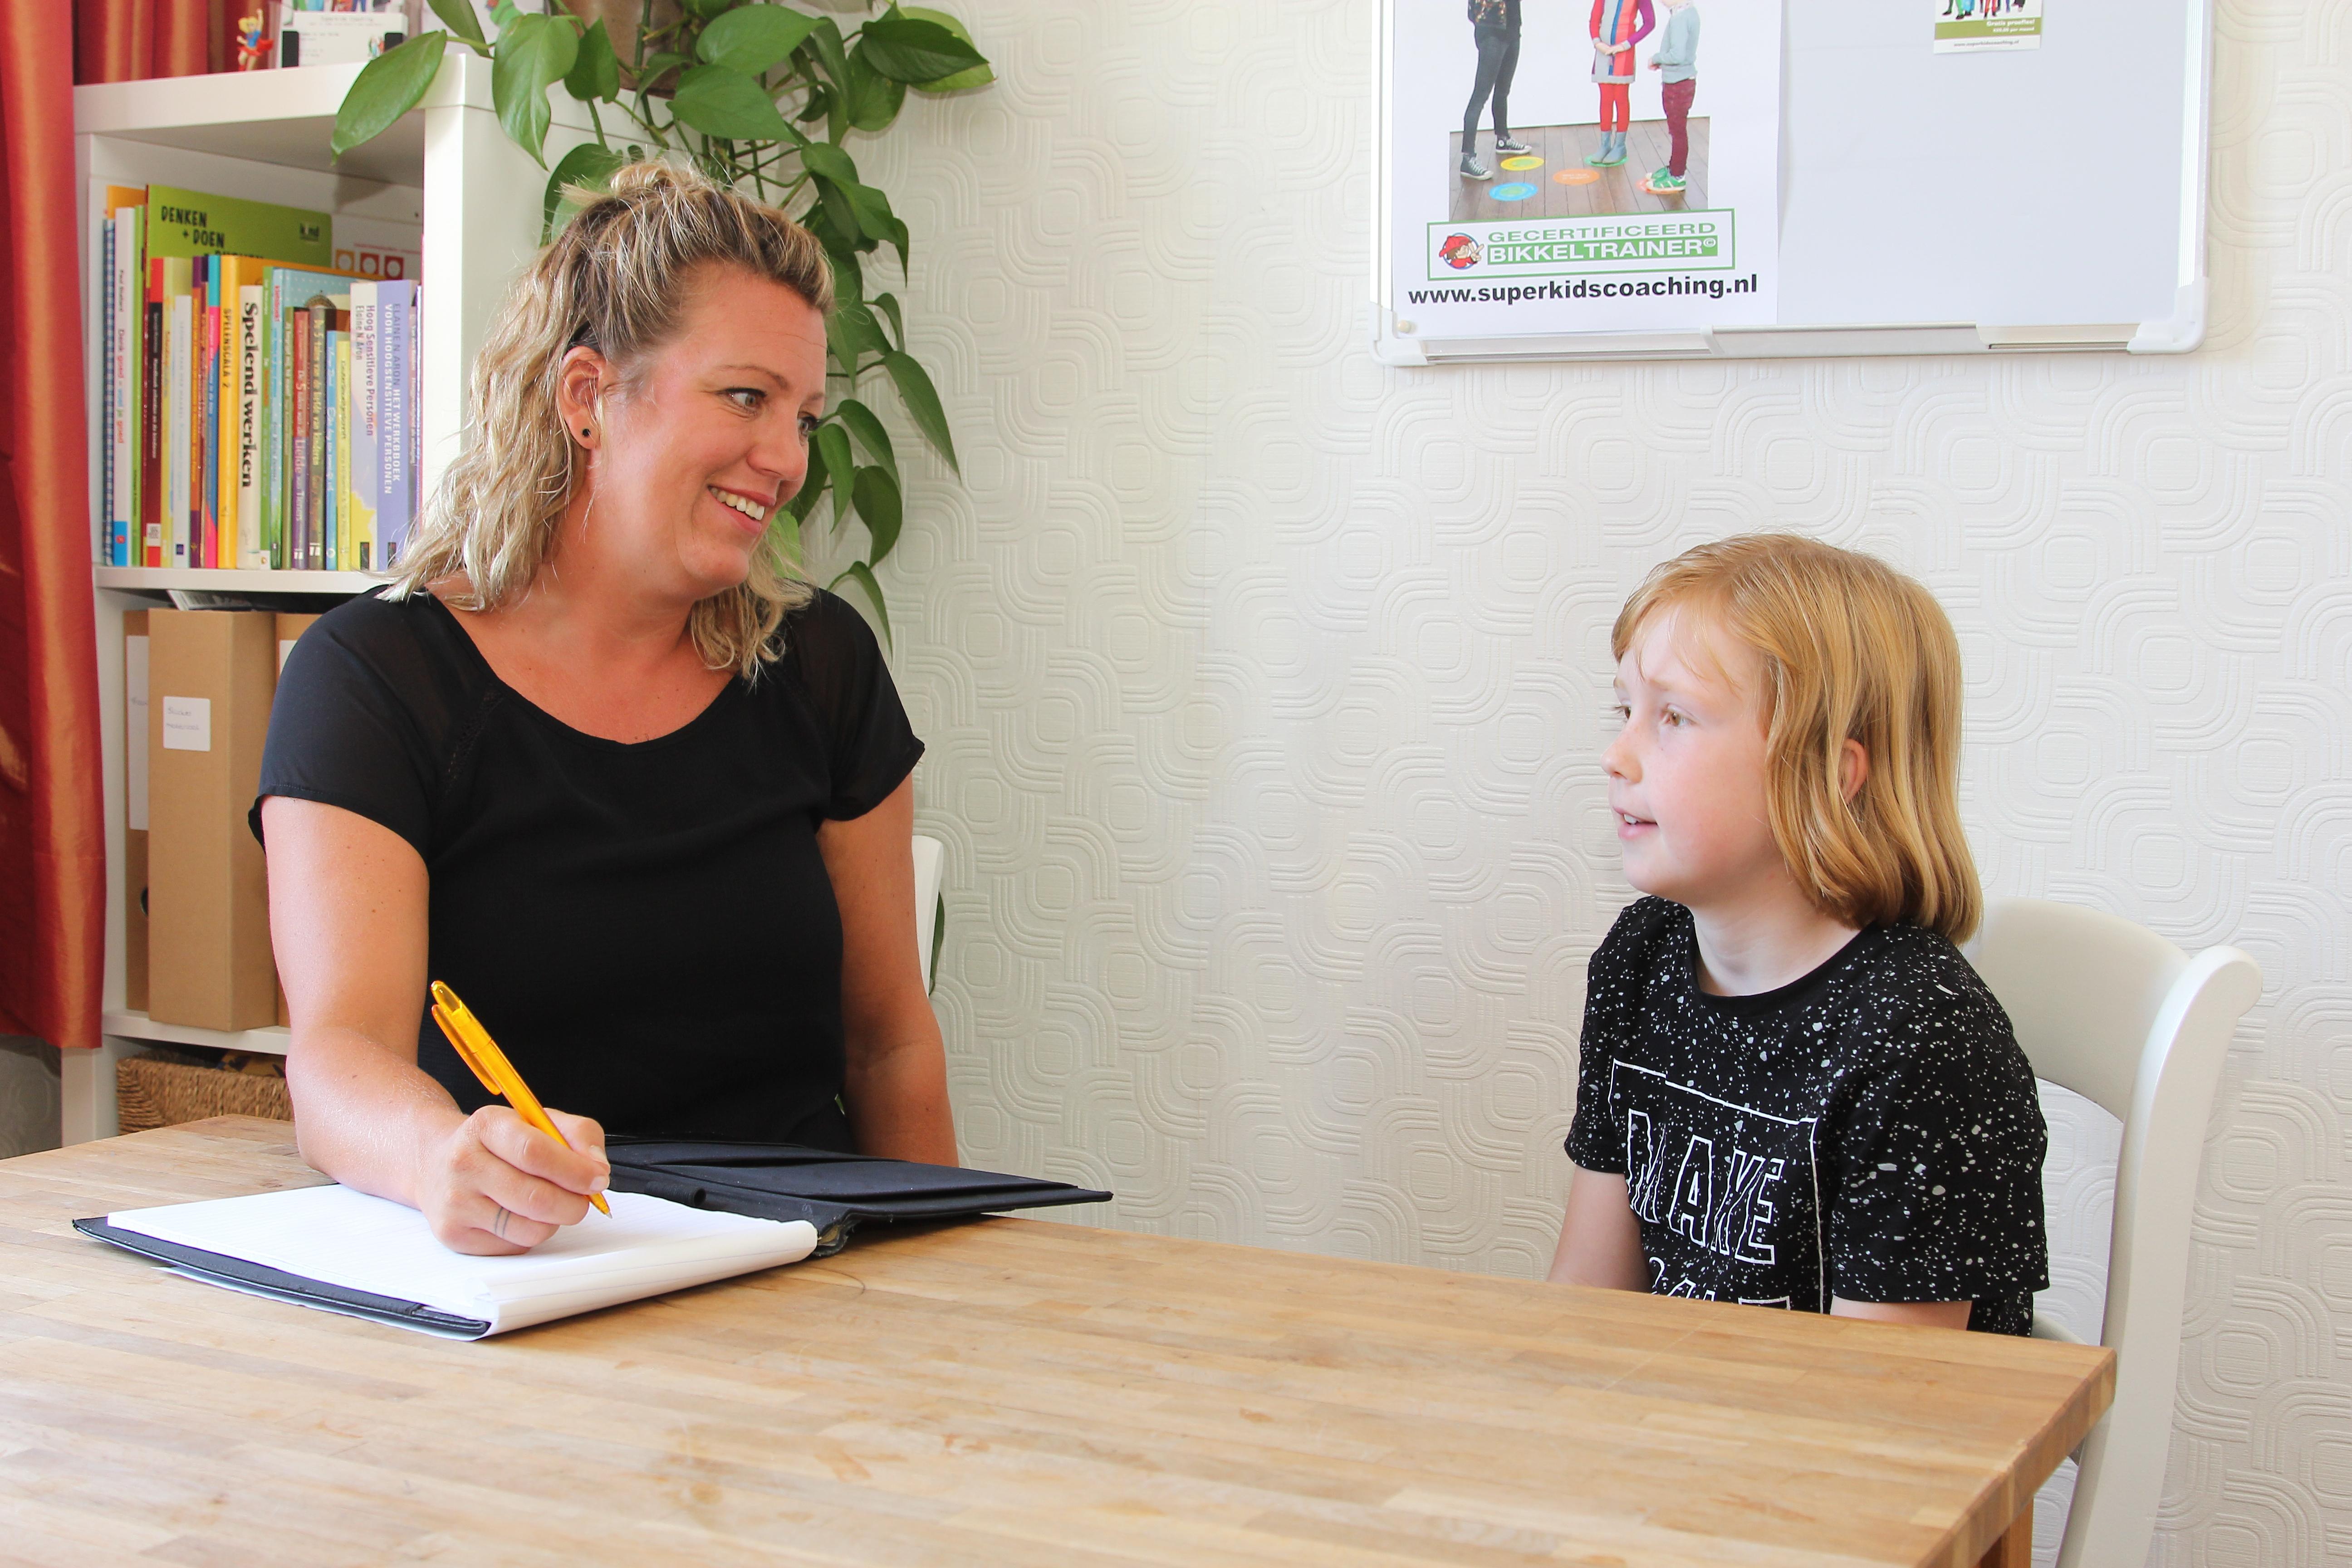 angsten-onzekerheid-negenjaarsfase-kindercoach-gouda-zelfvertrouwen